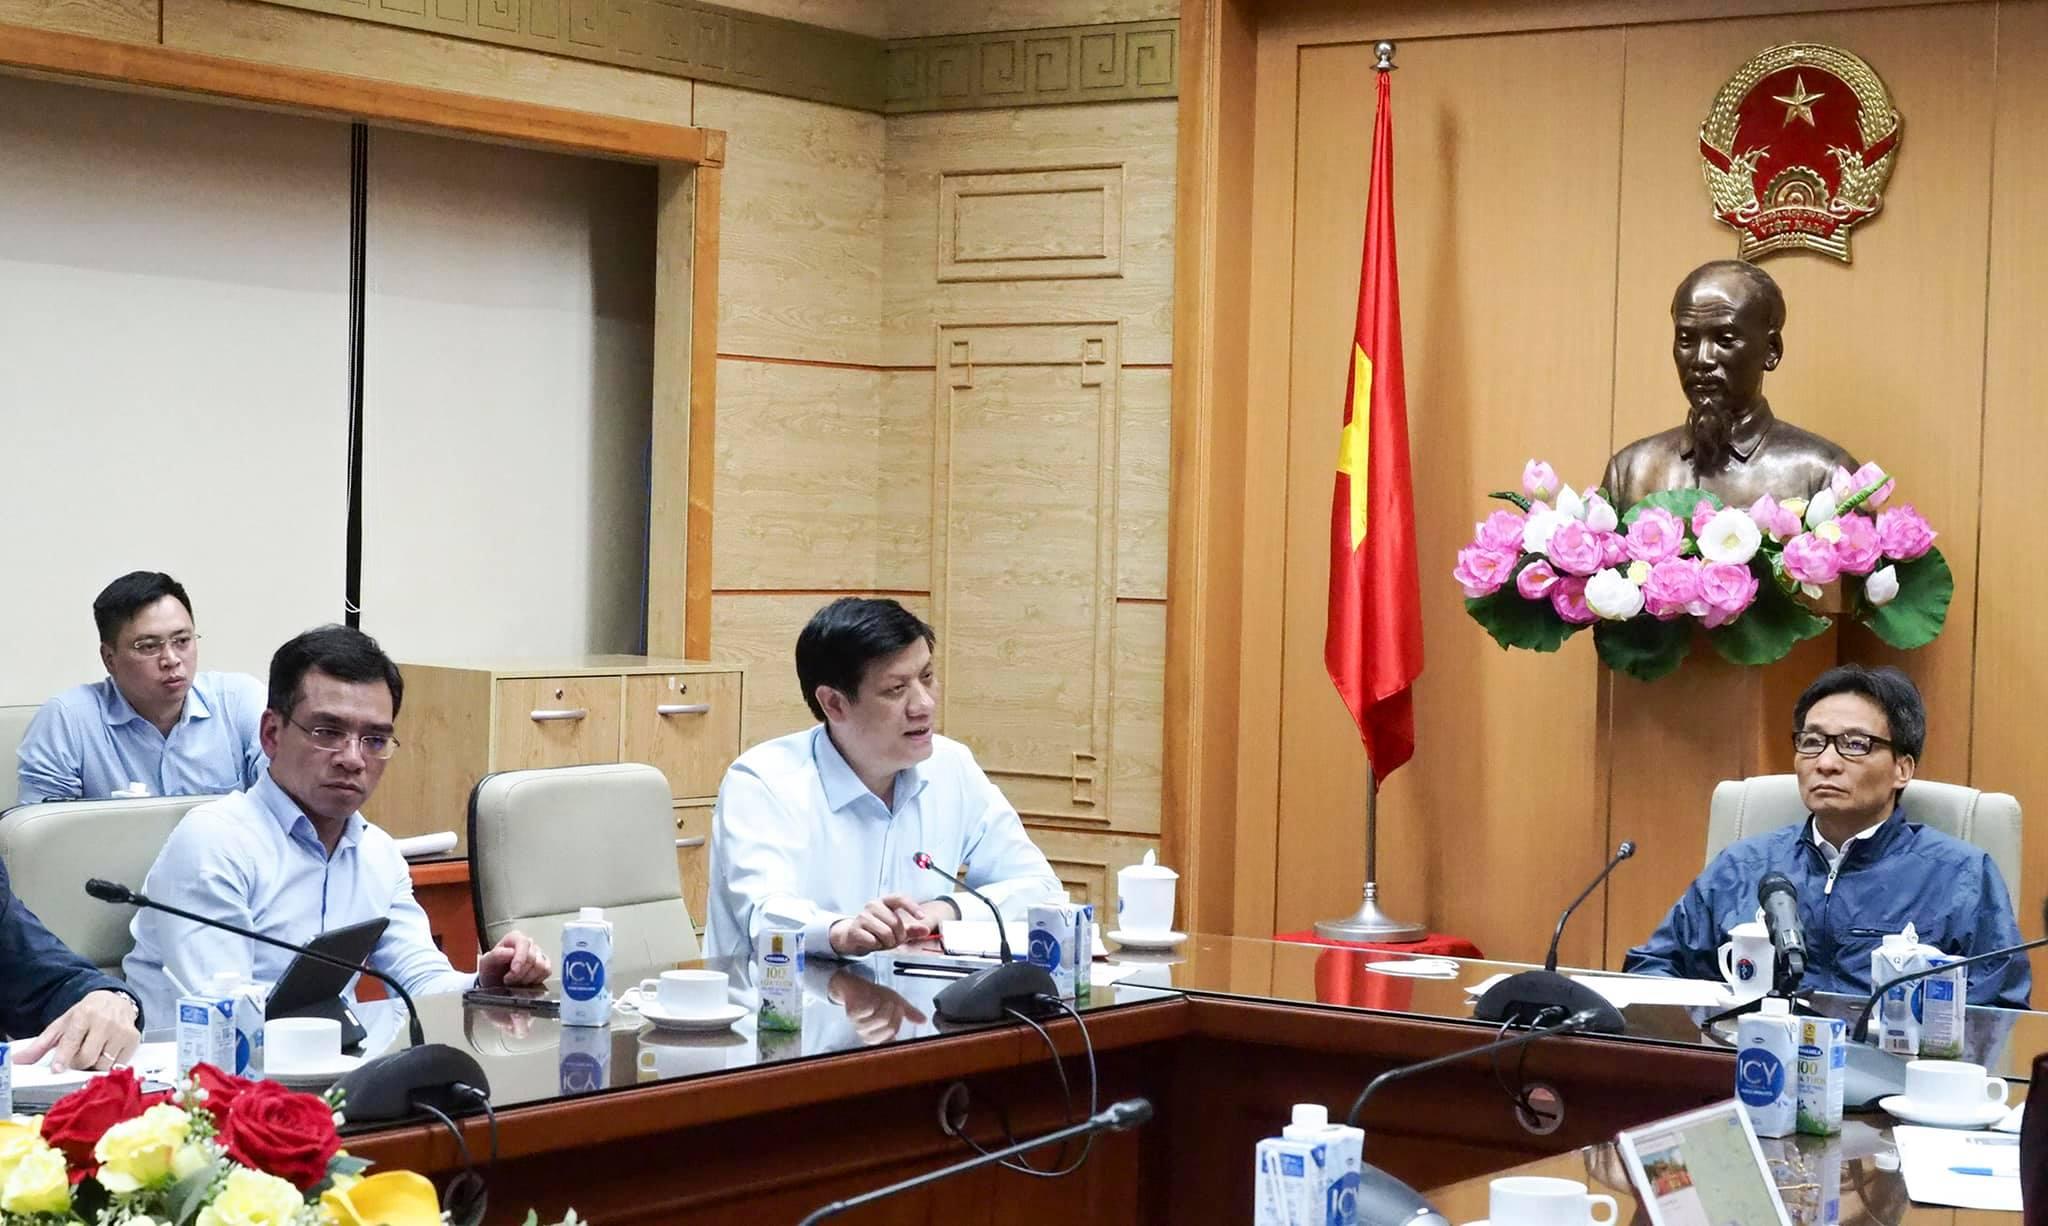 Phát hiện hai ca lây nhiễm trong cộng đồng tại Quảng Ninh và Hải Dương -0